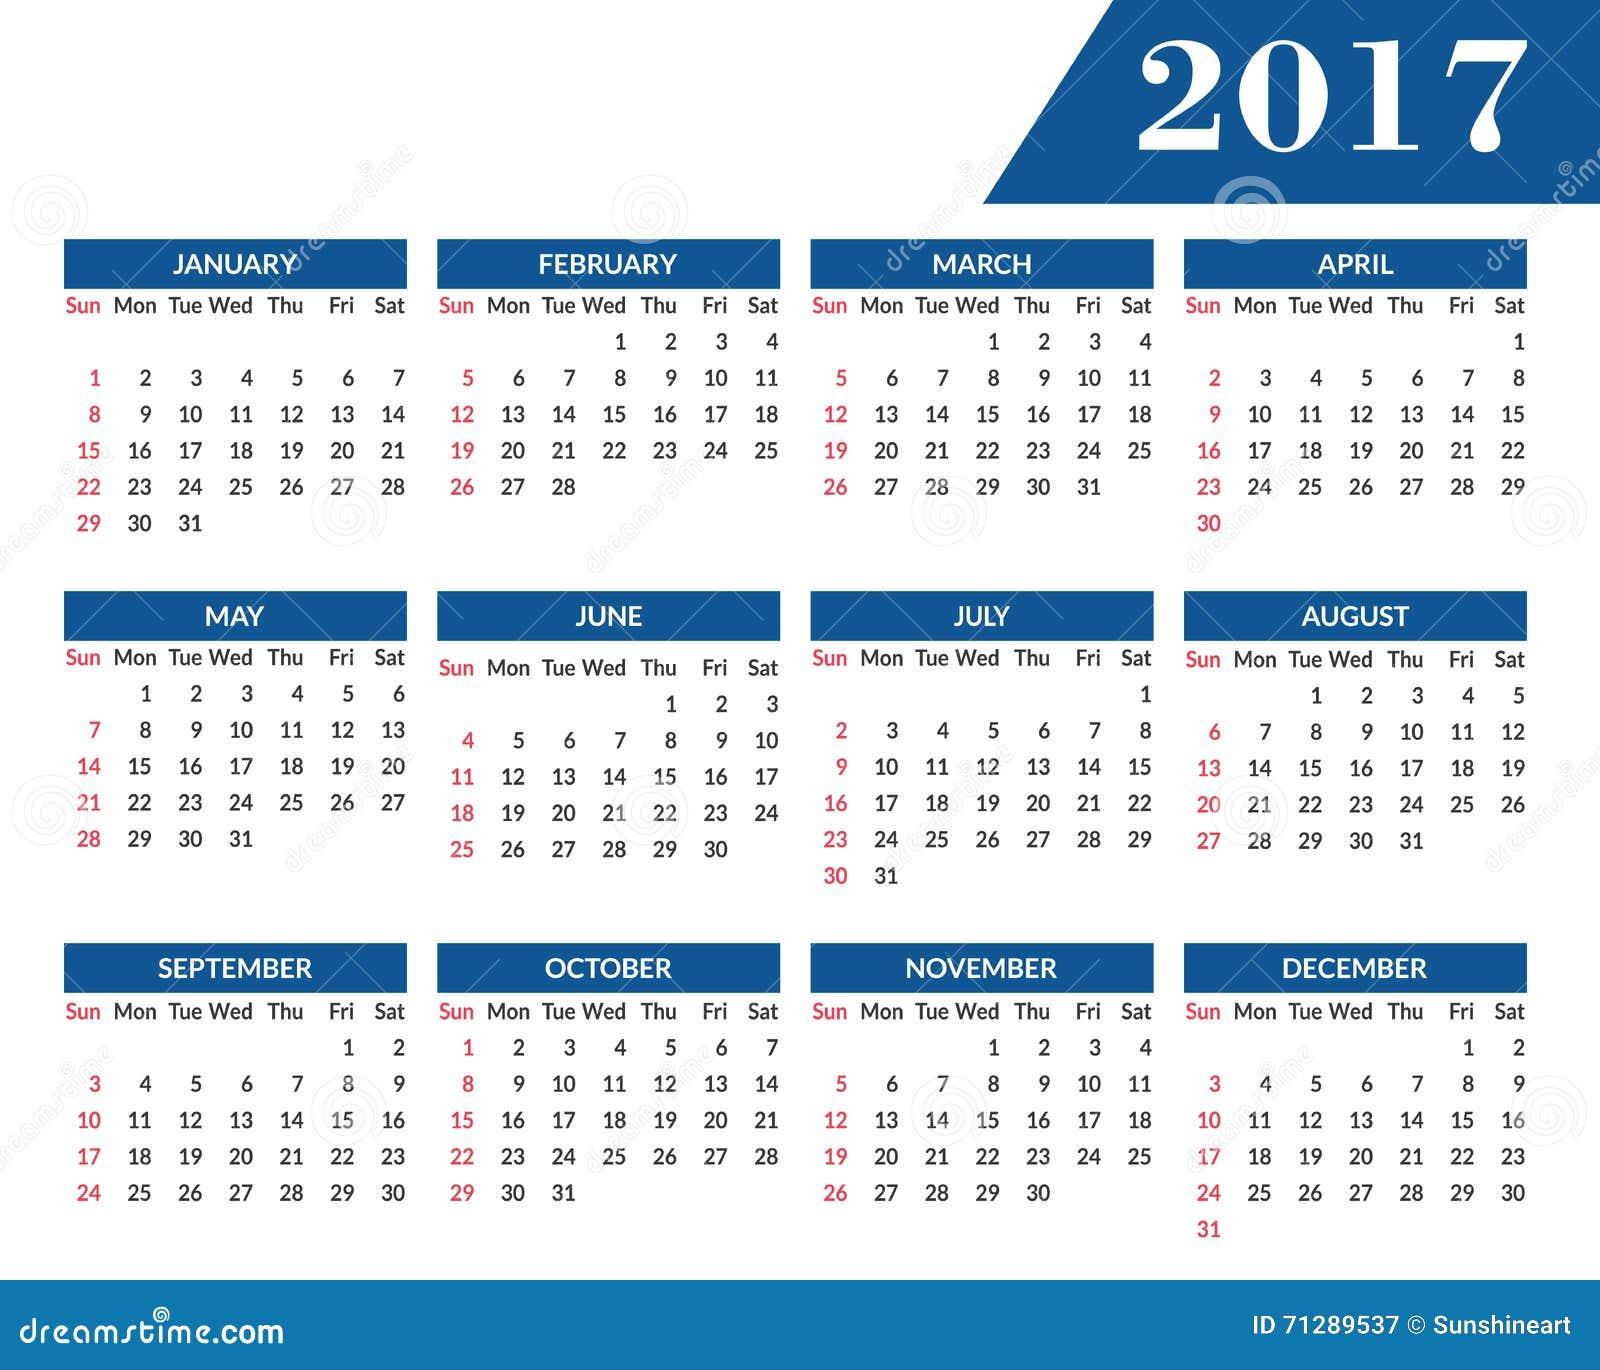 Calendario Anno 2017.Calendario Murale Mensile Per L Anno 2017 Illustrazione